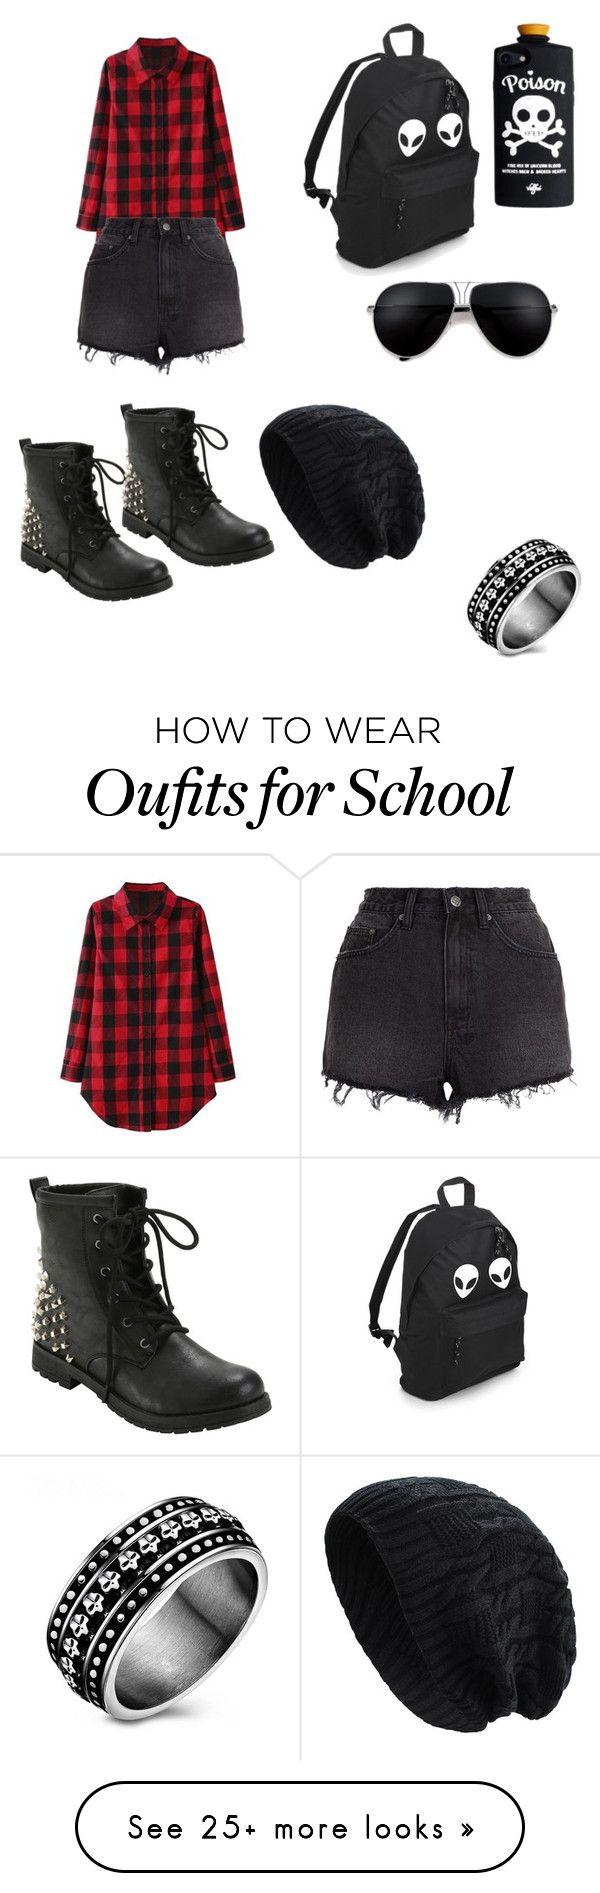 Edgy clothing